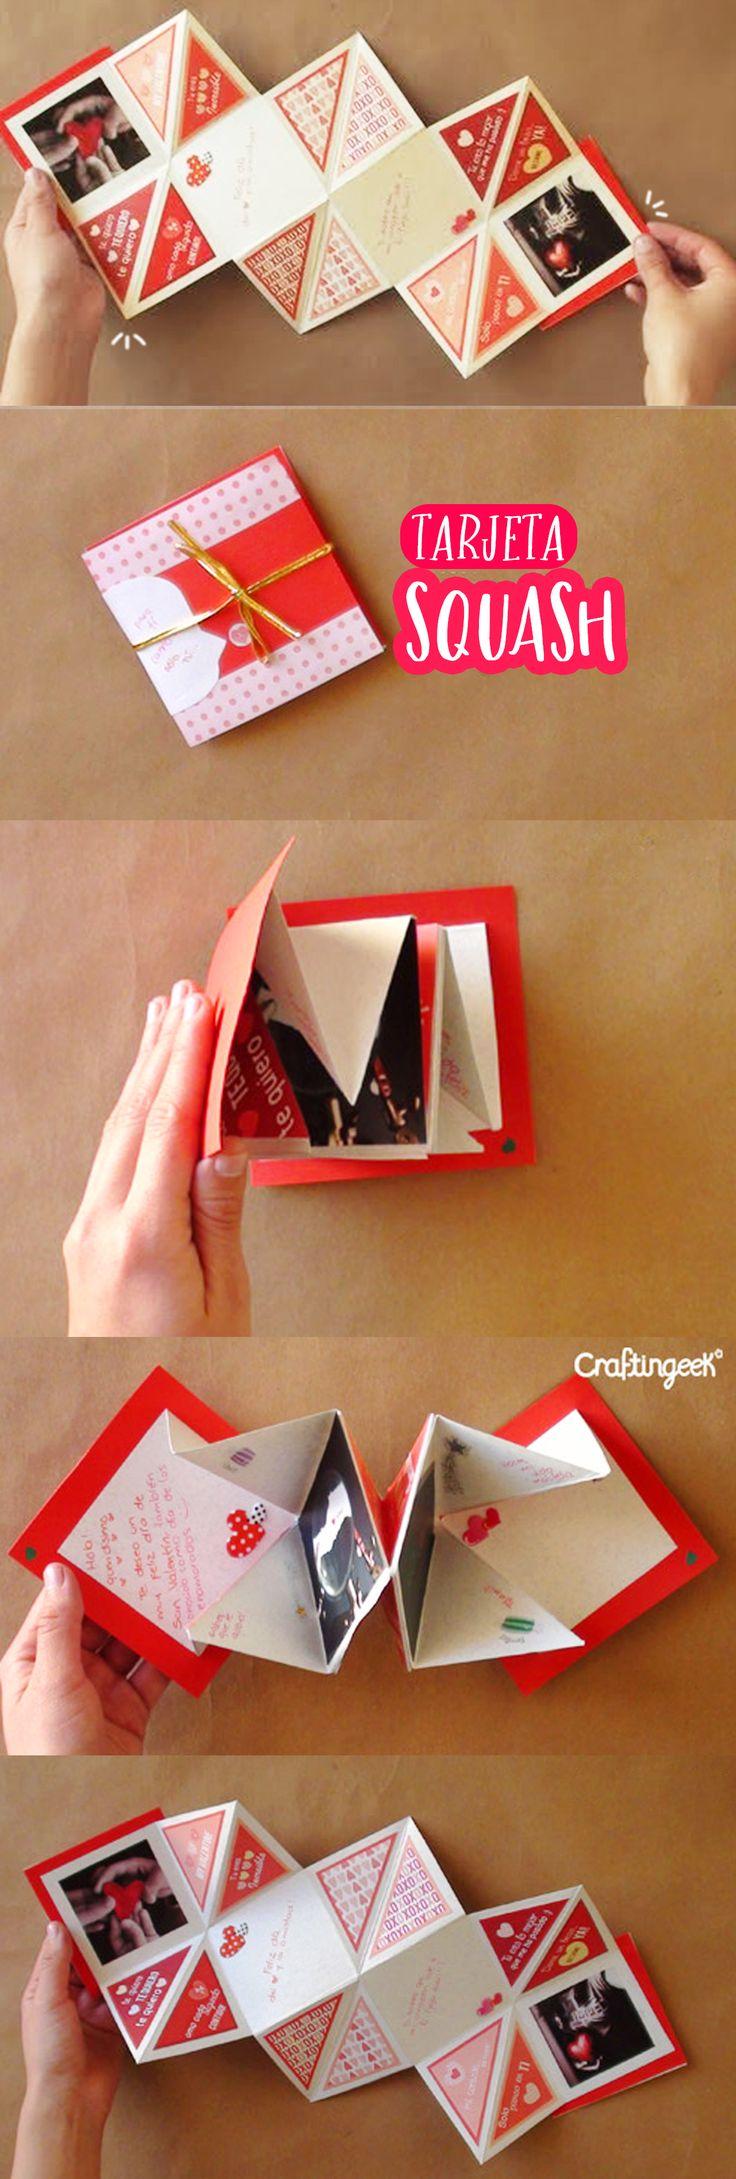 M s de 25 ideas incre bles sobre tarjetas en pinterest - Hacer regalos originales a mano ...